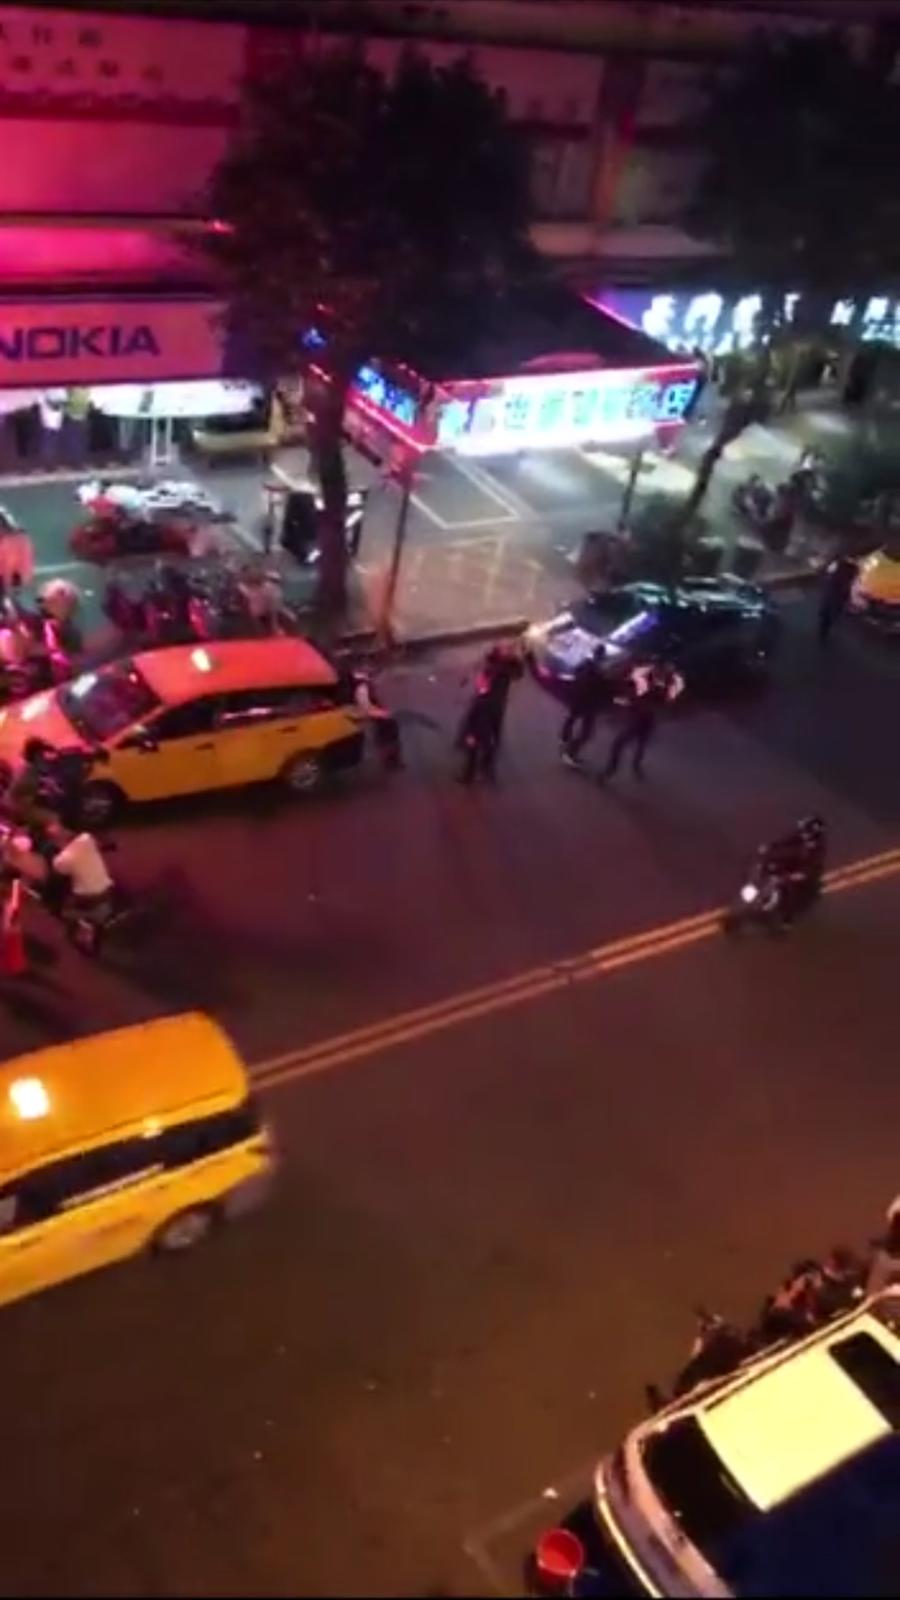 電影劇組在台北市林森北路拍攝黑道開槍劇情,引發民眾恐慌,警方澄清:「拍電影啦!免驚!」(胡欣男翻攝)